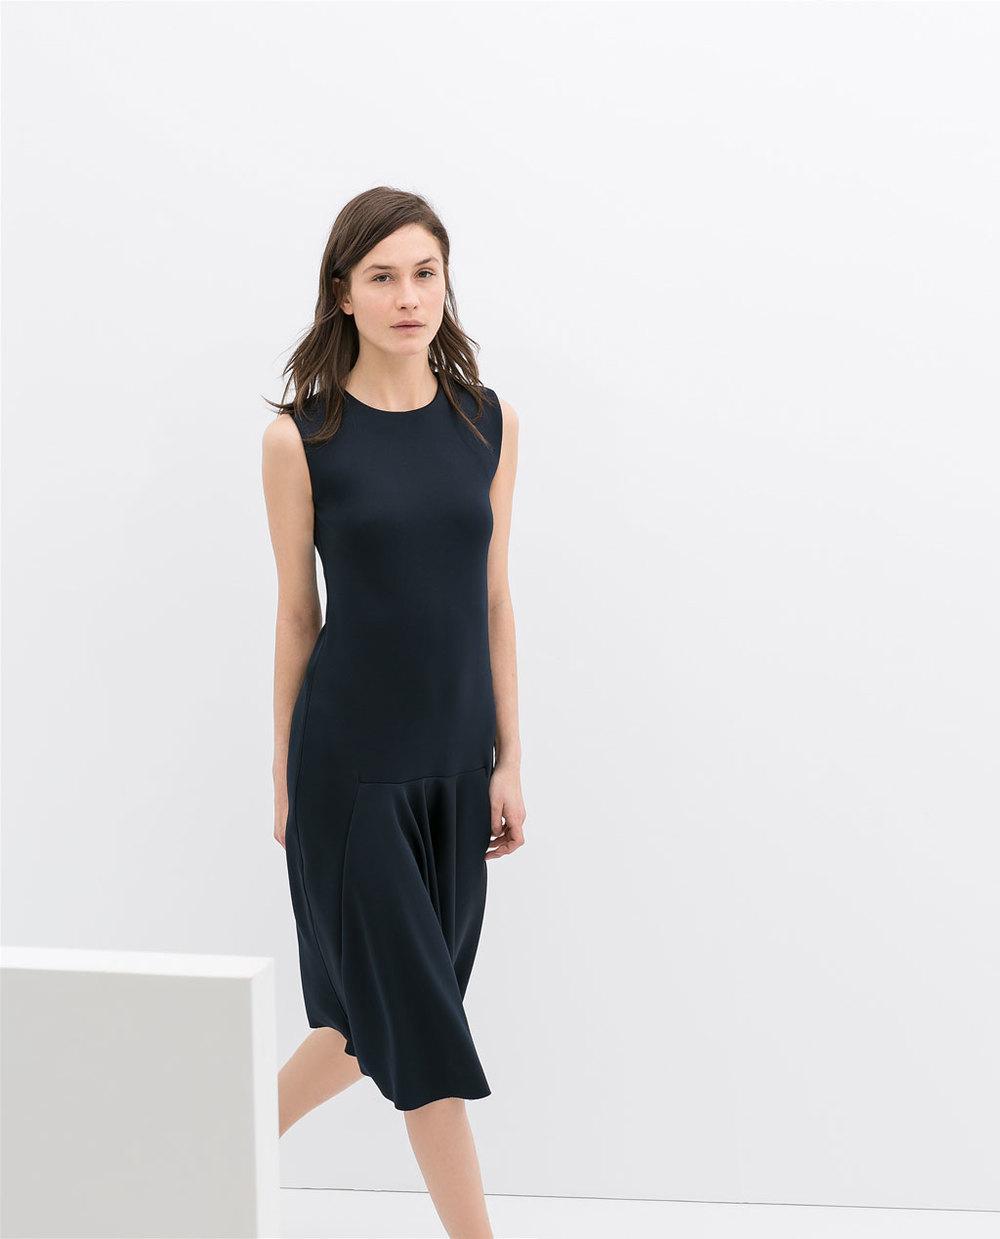 Neoprene Midi dress. Zara. $69.90.